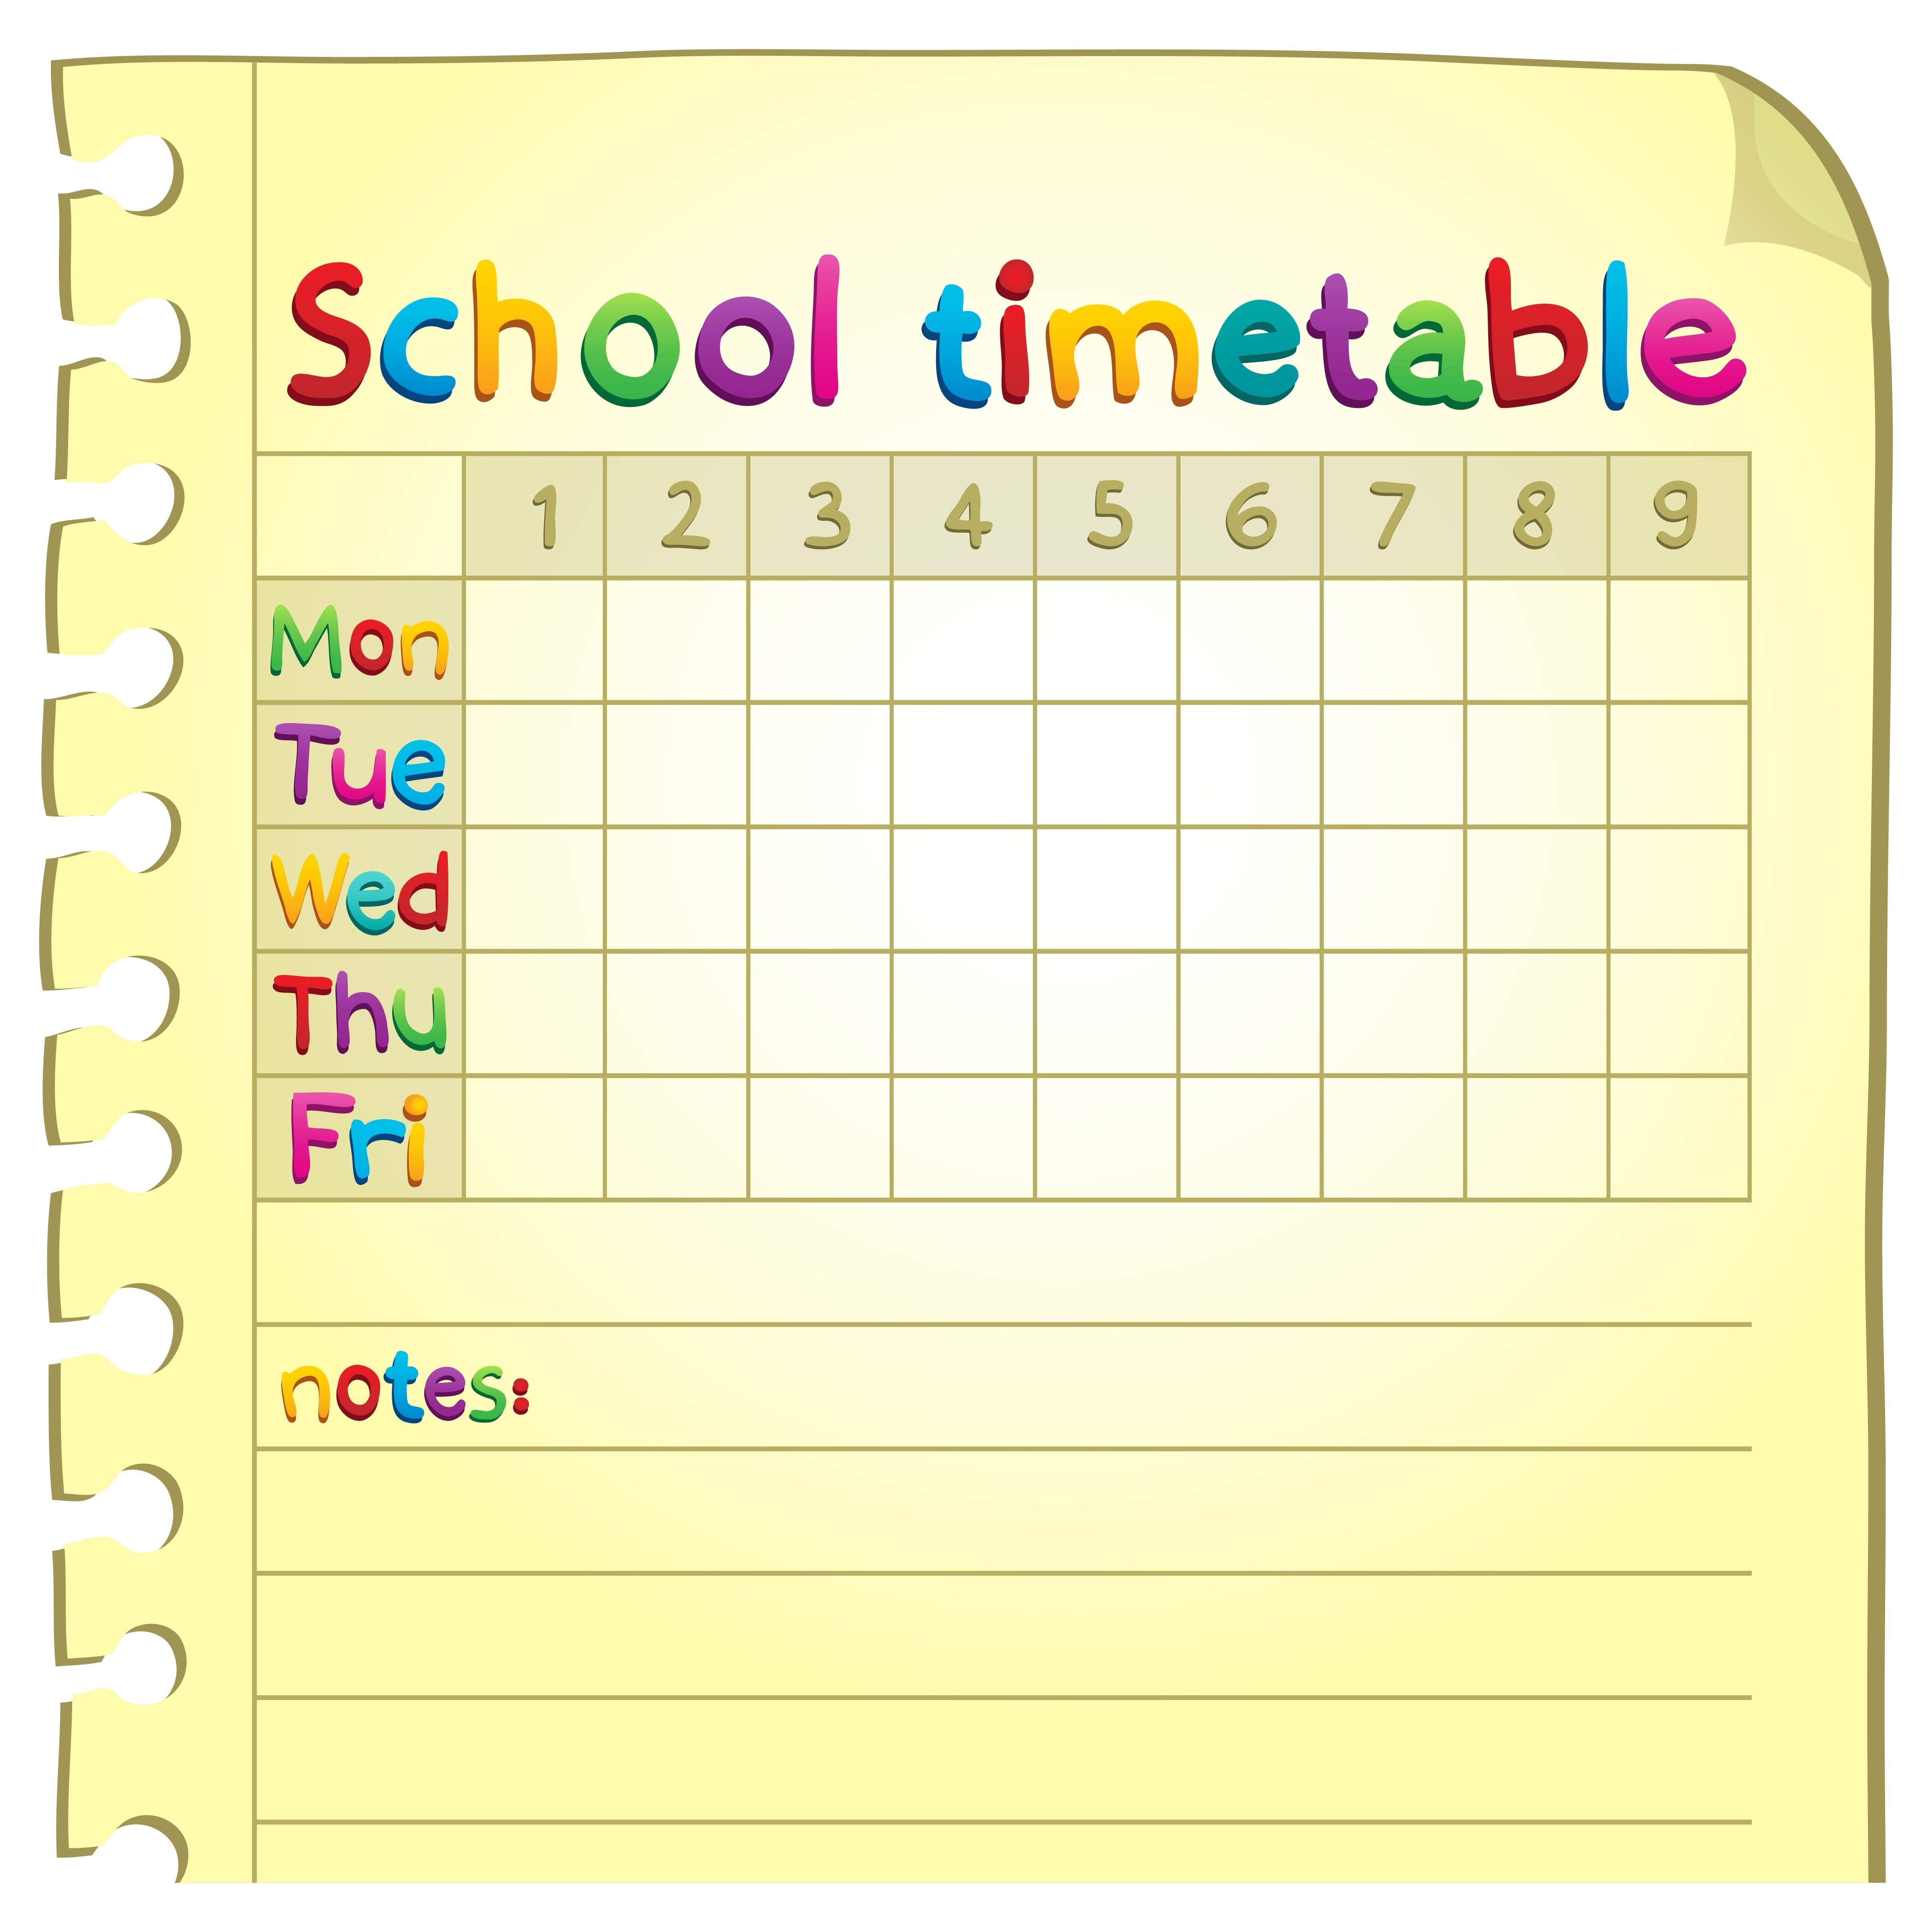 21319178 - school timetable topic